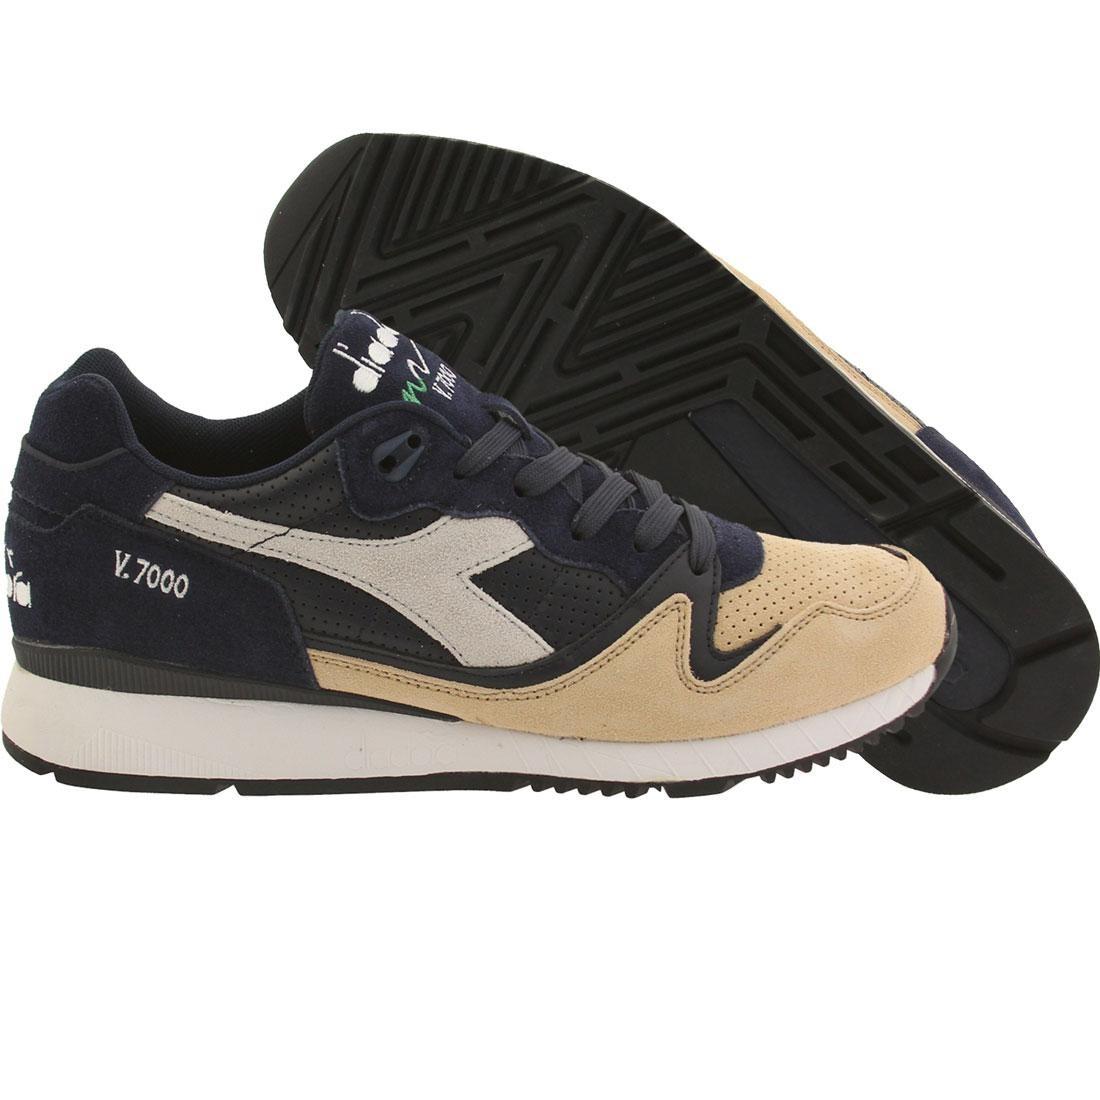 【海外限定】メンズ靴 靴 【 DIADORA MEN V7000 BLUE CORSAIR 】